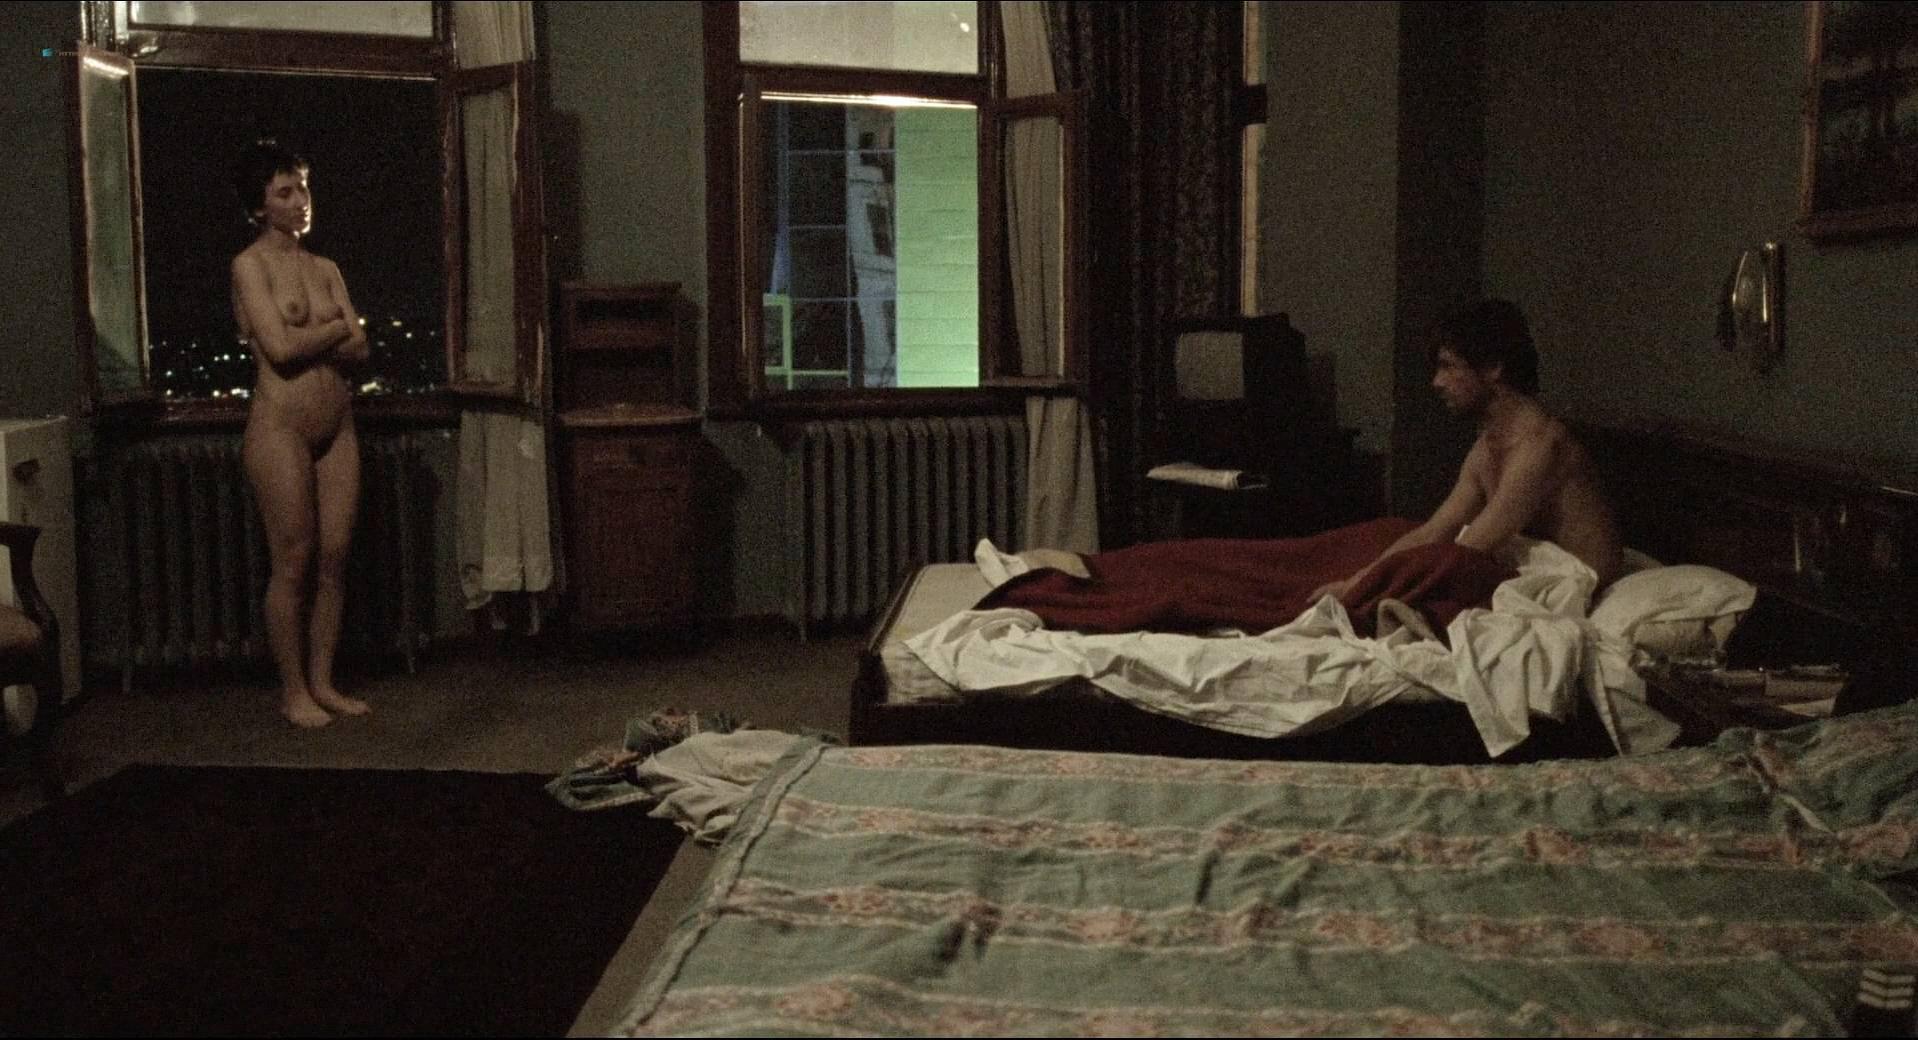 Сибель фильм эротика, смотреть порно видео в избе